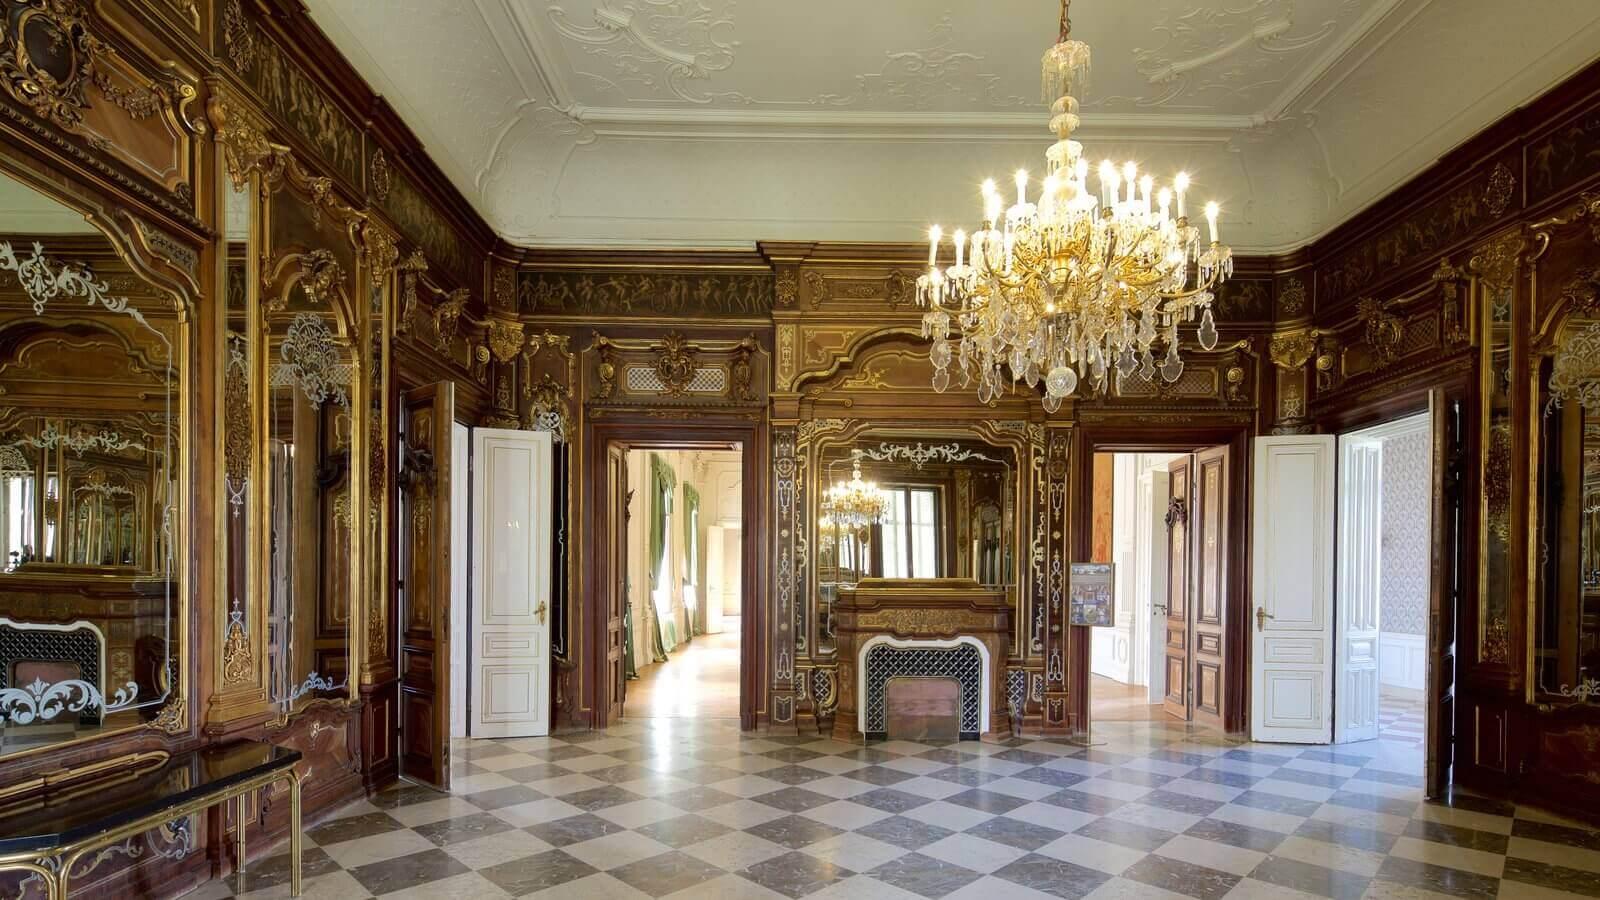 Palatul Festetics - interior